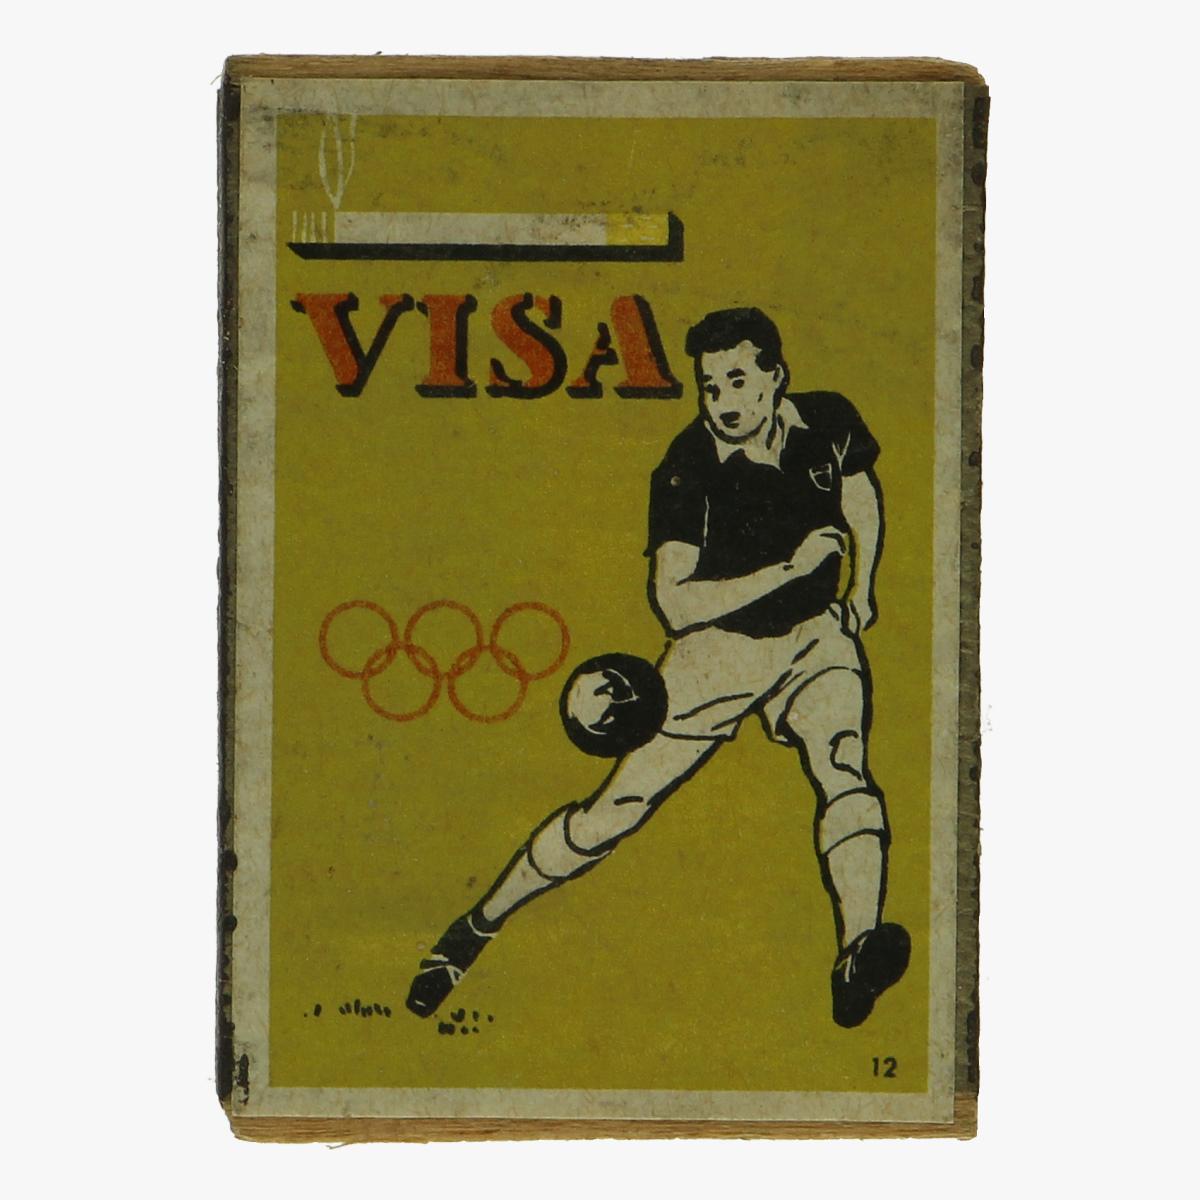 Afbeeldingen van lucifers visa voetbal olympische spelen